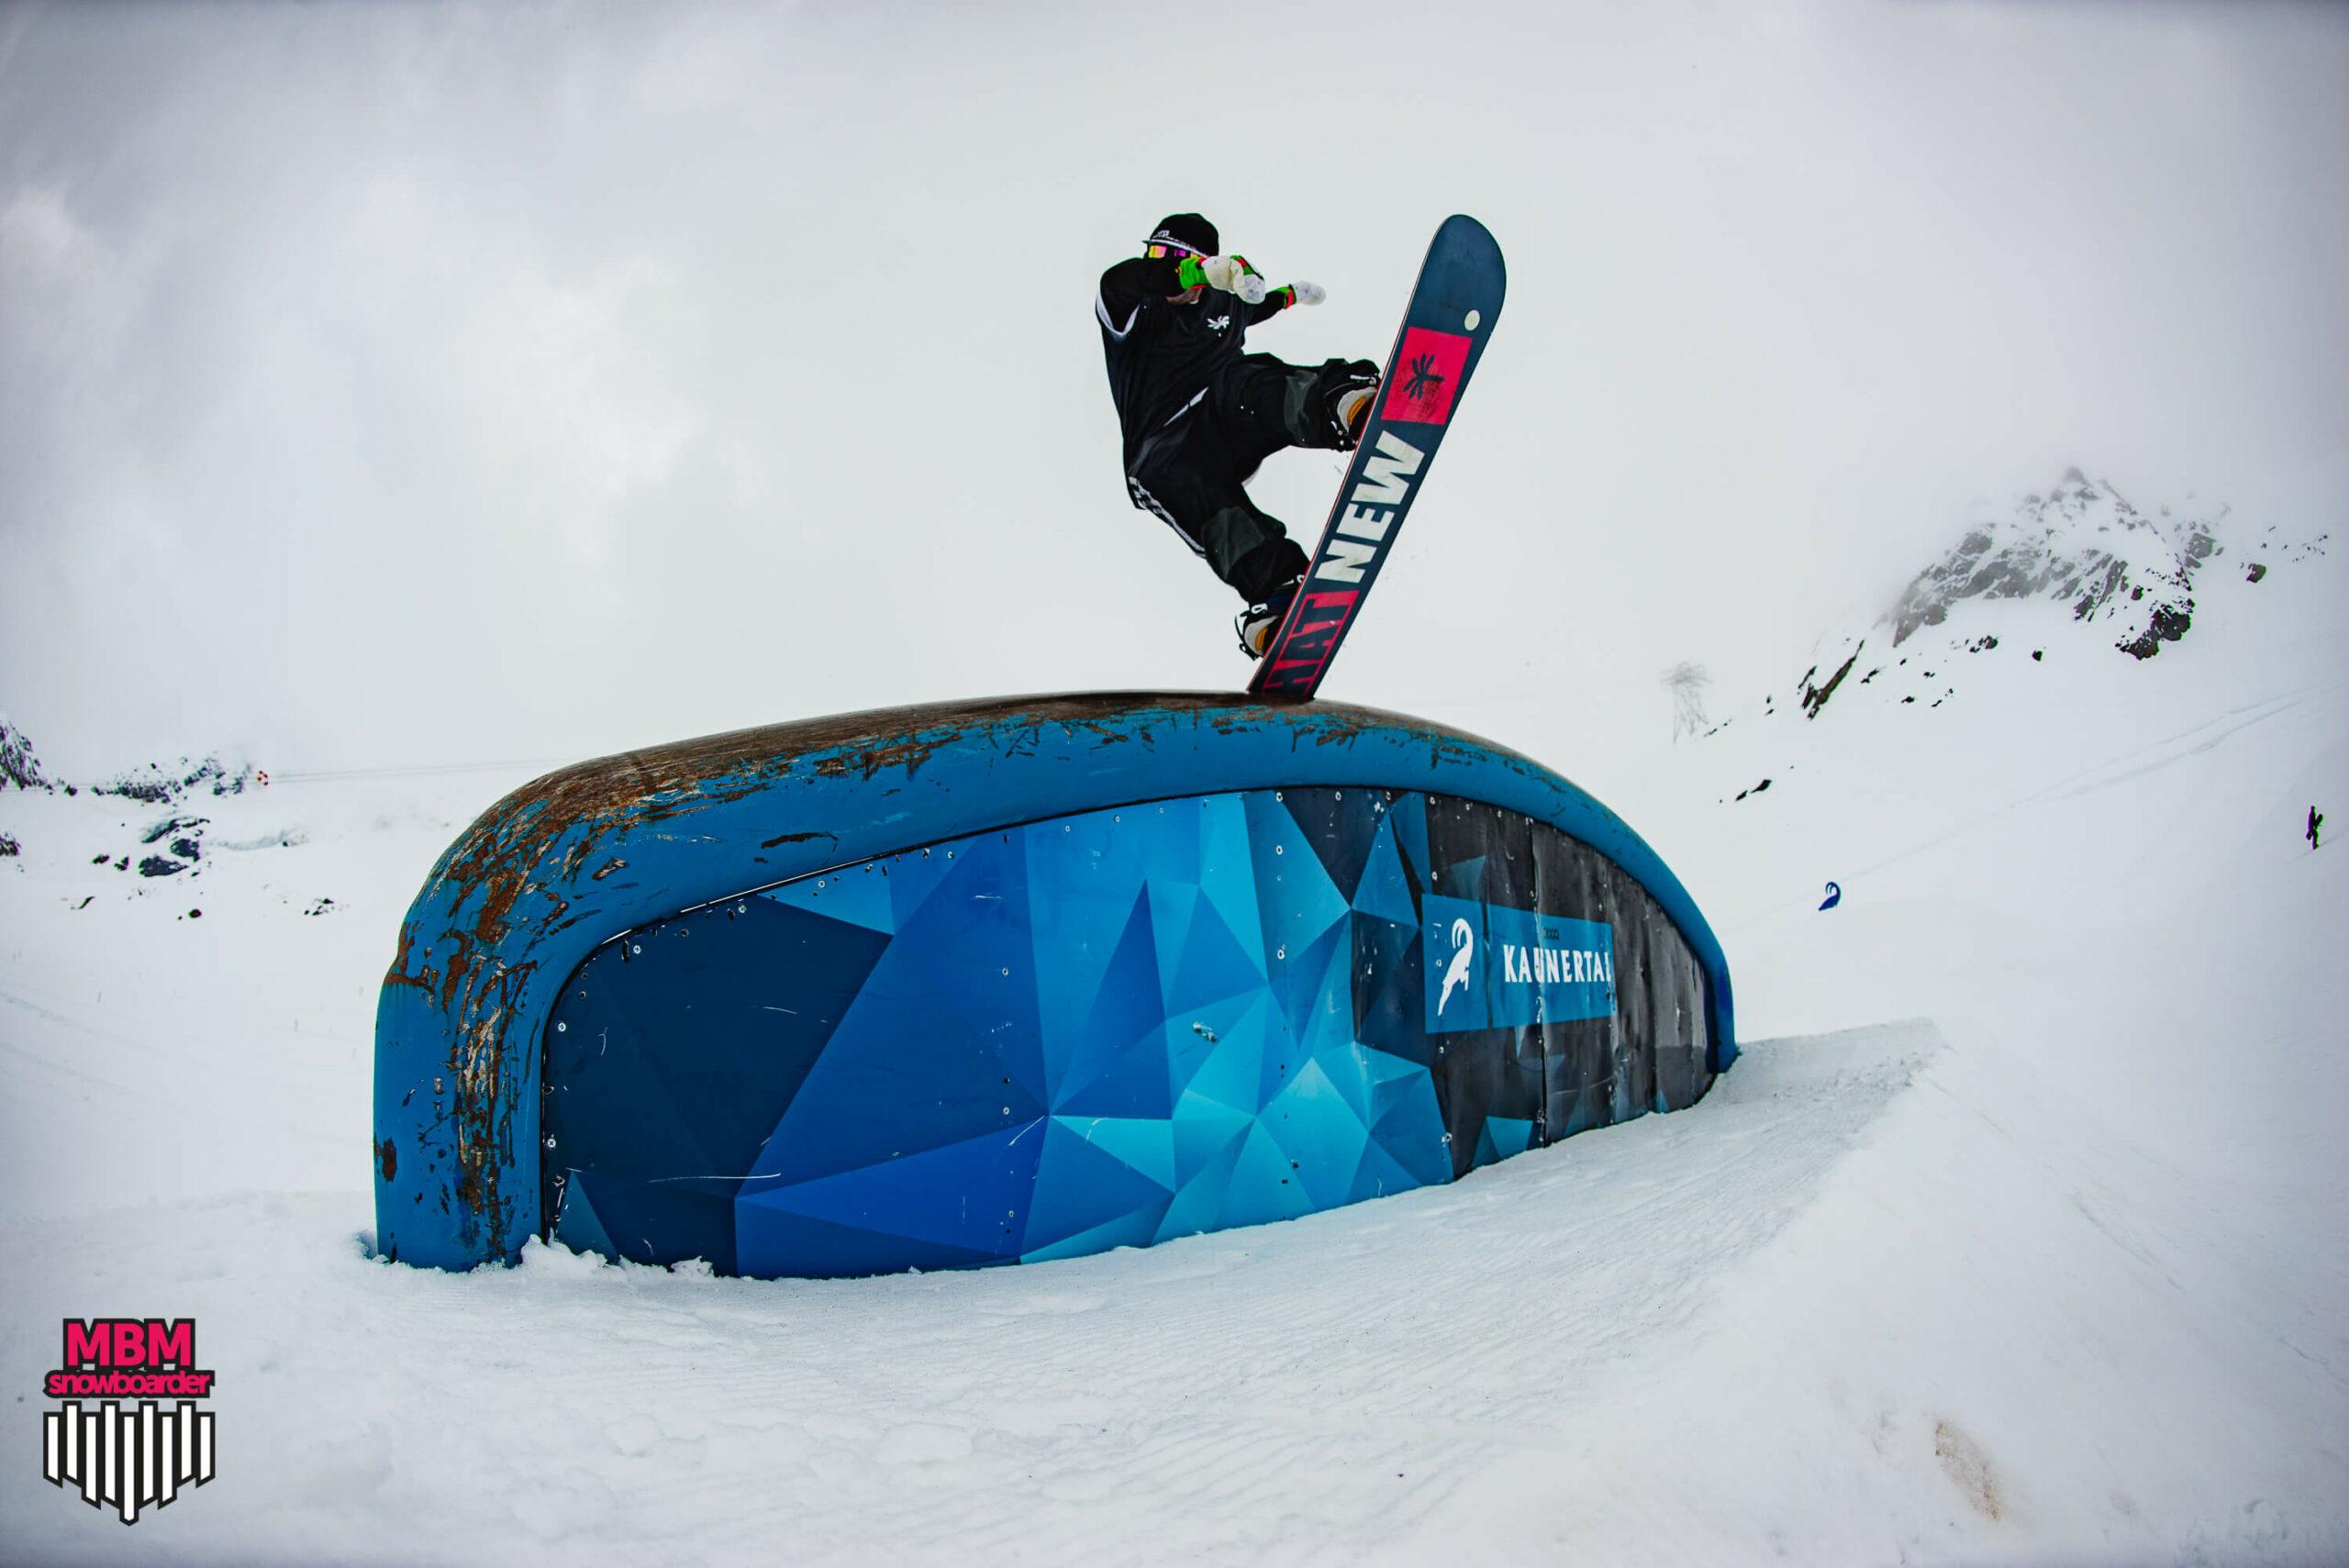 snowboarderMBM_sd_kaunertal_083